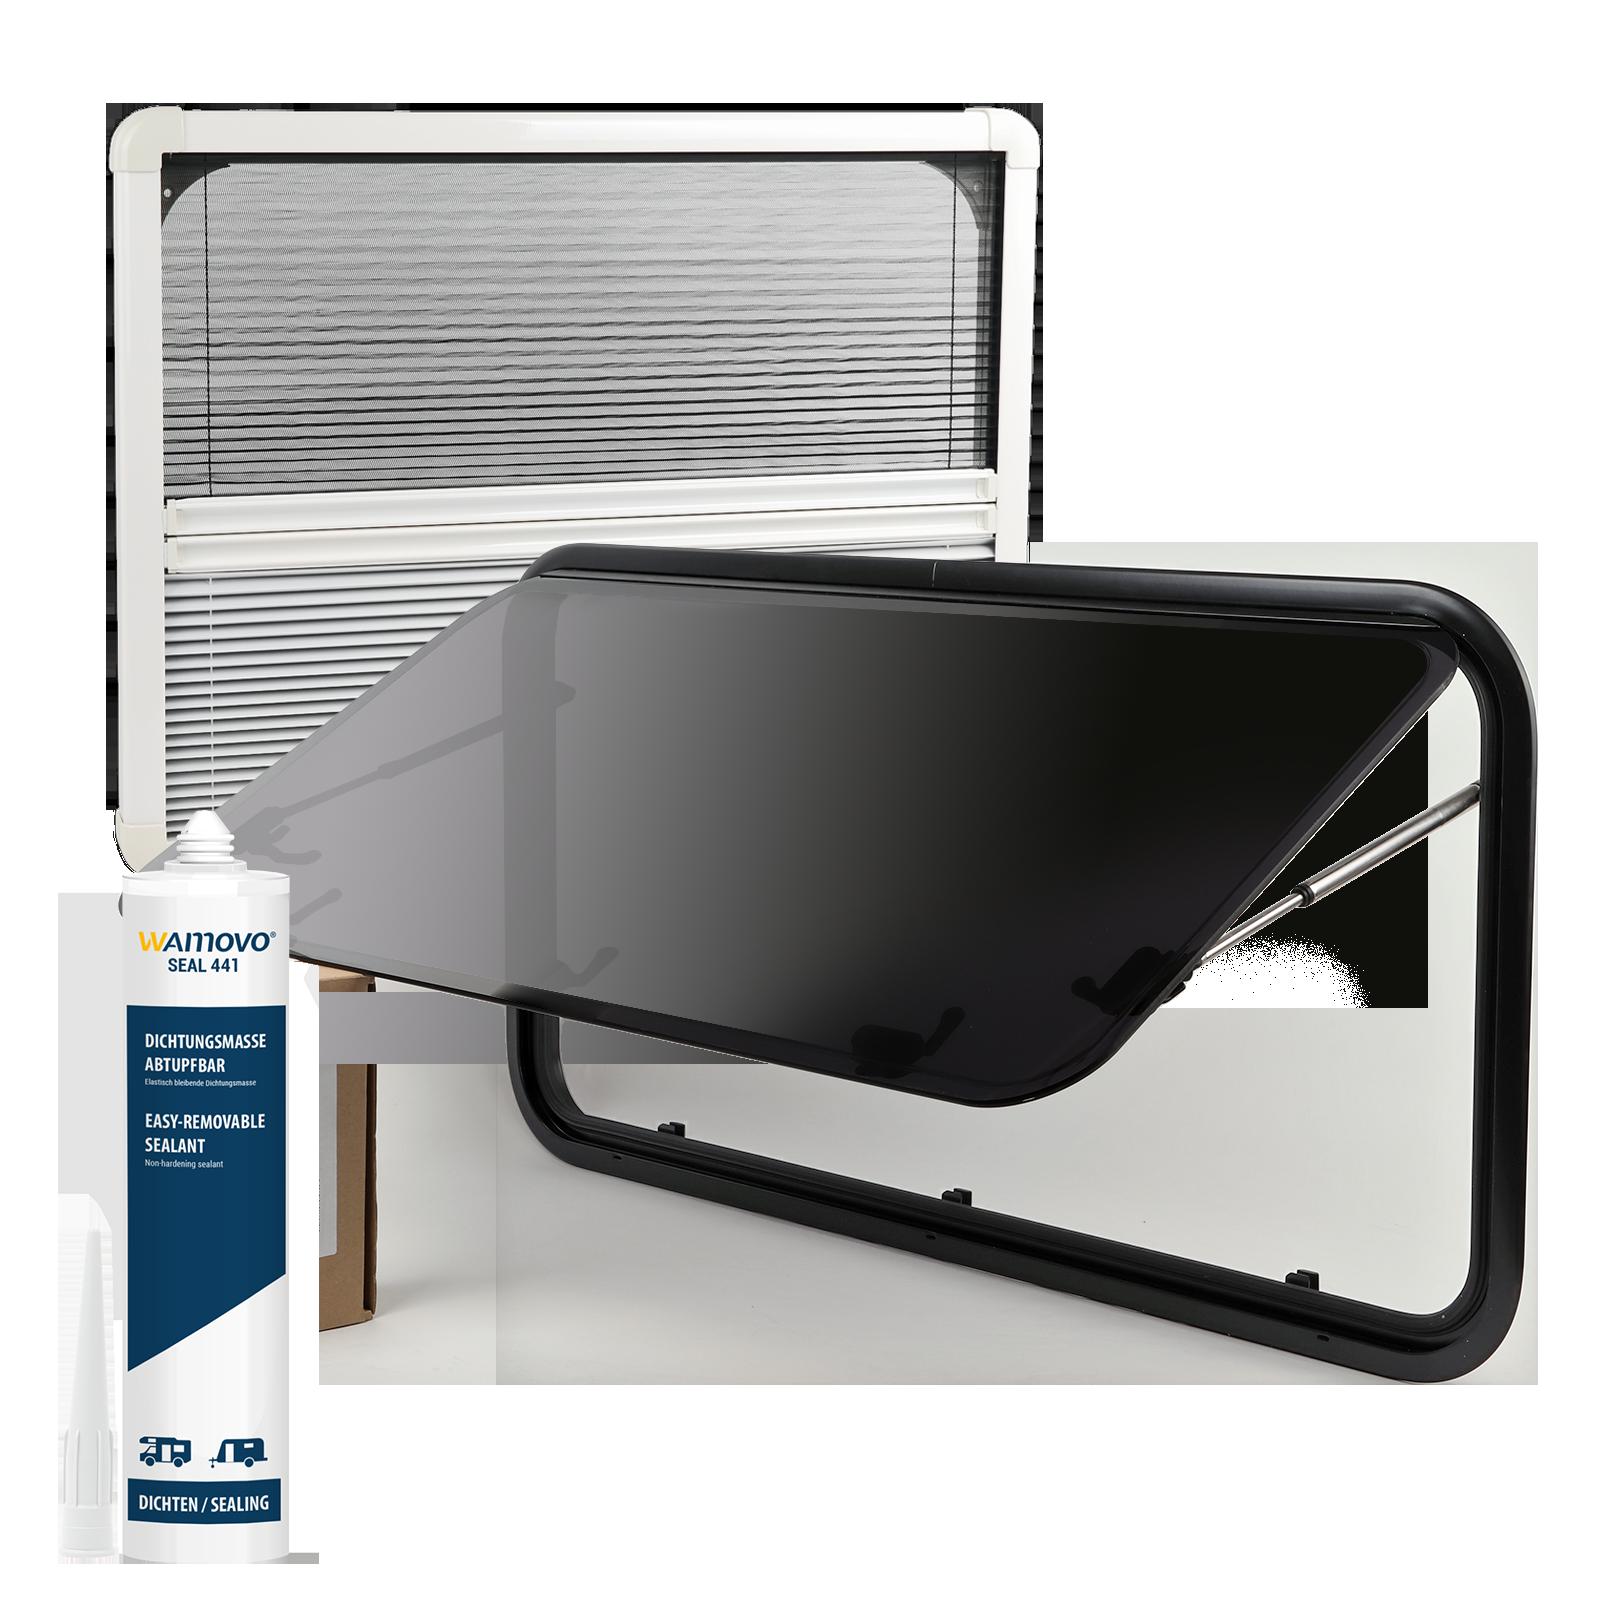 Set Ausstellfenster Acrylglas 900 x 450 inkl. Verdunklung und Insektenschutz